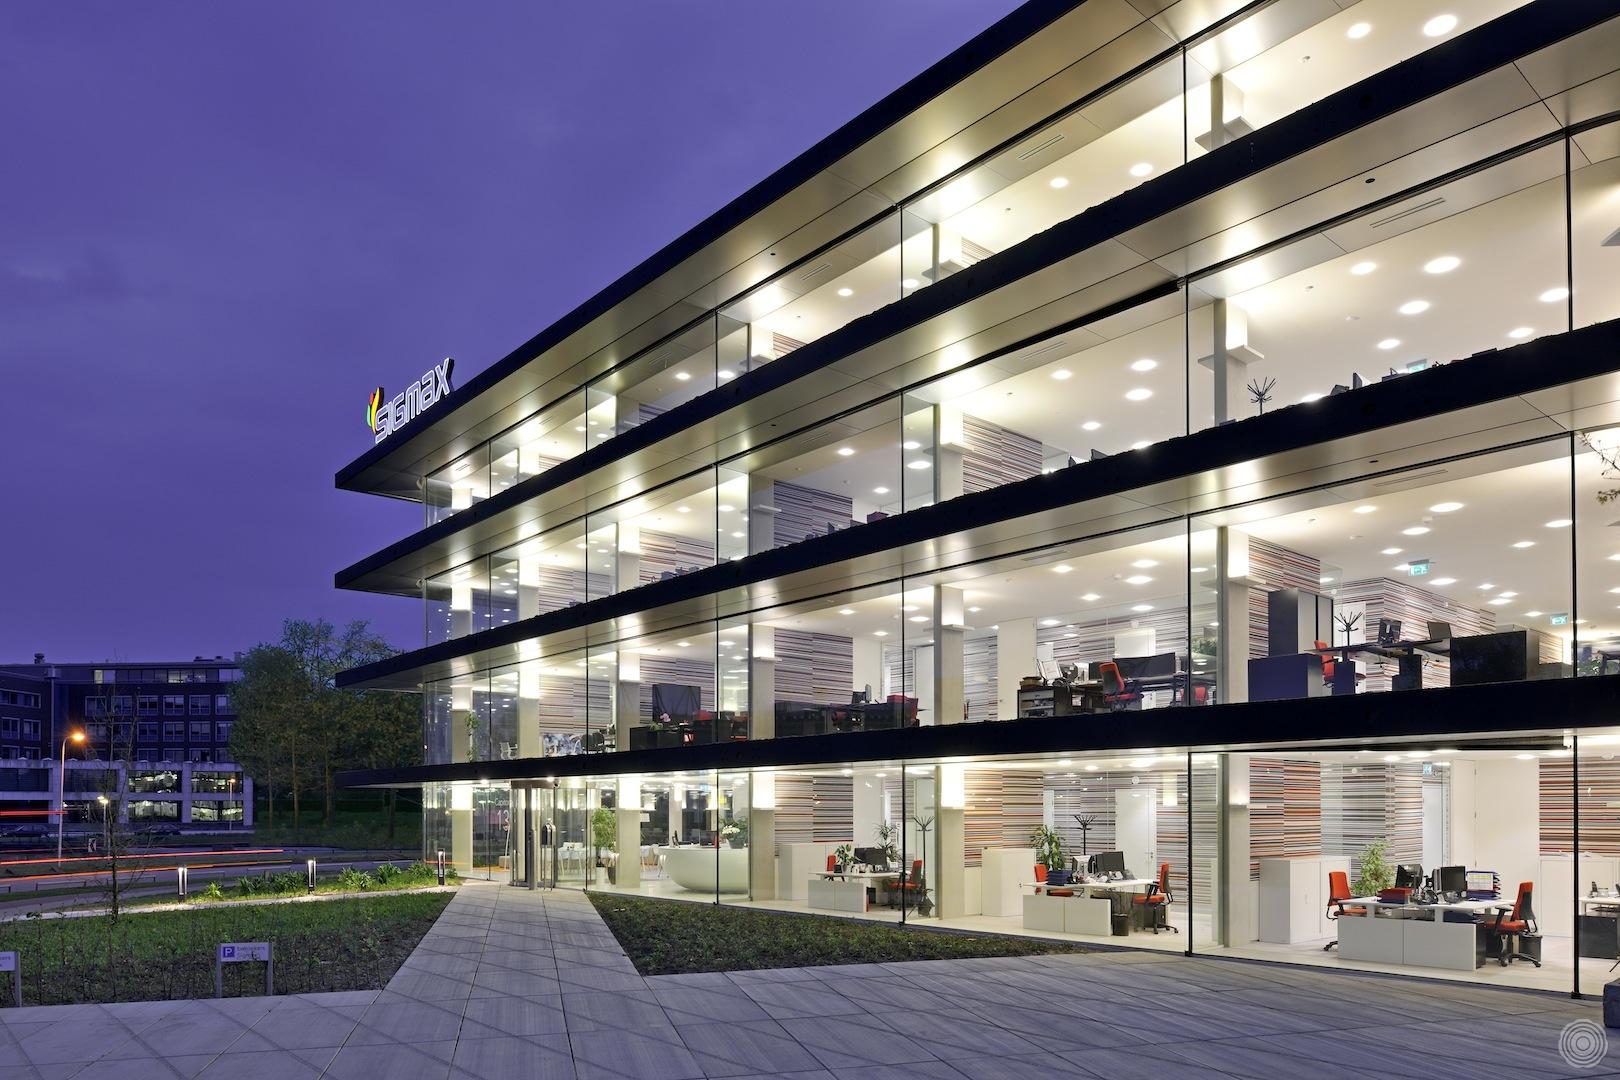 een krachtig architectonisch gebouw met een gestroomlijnde v